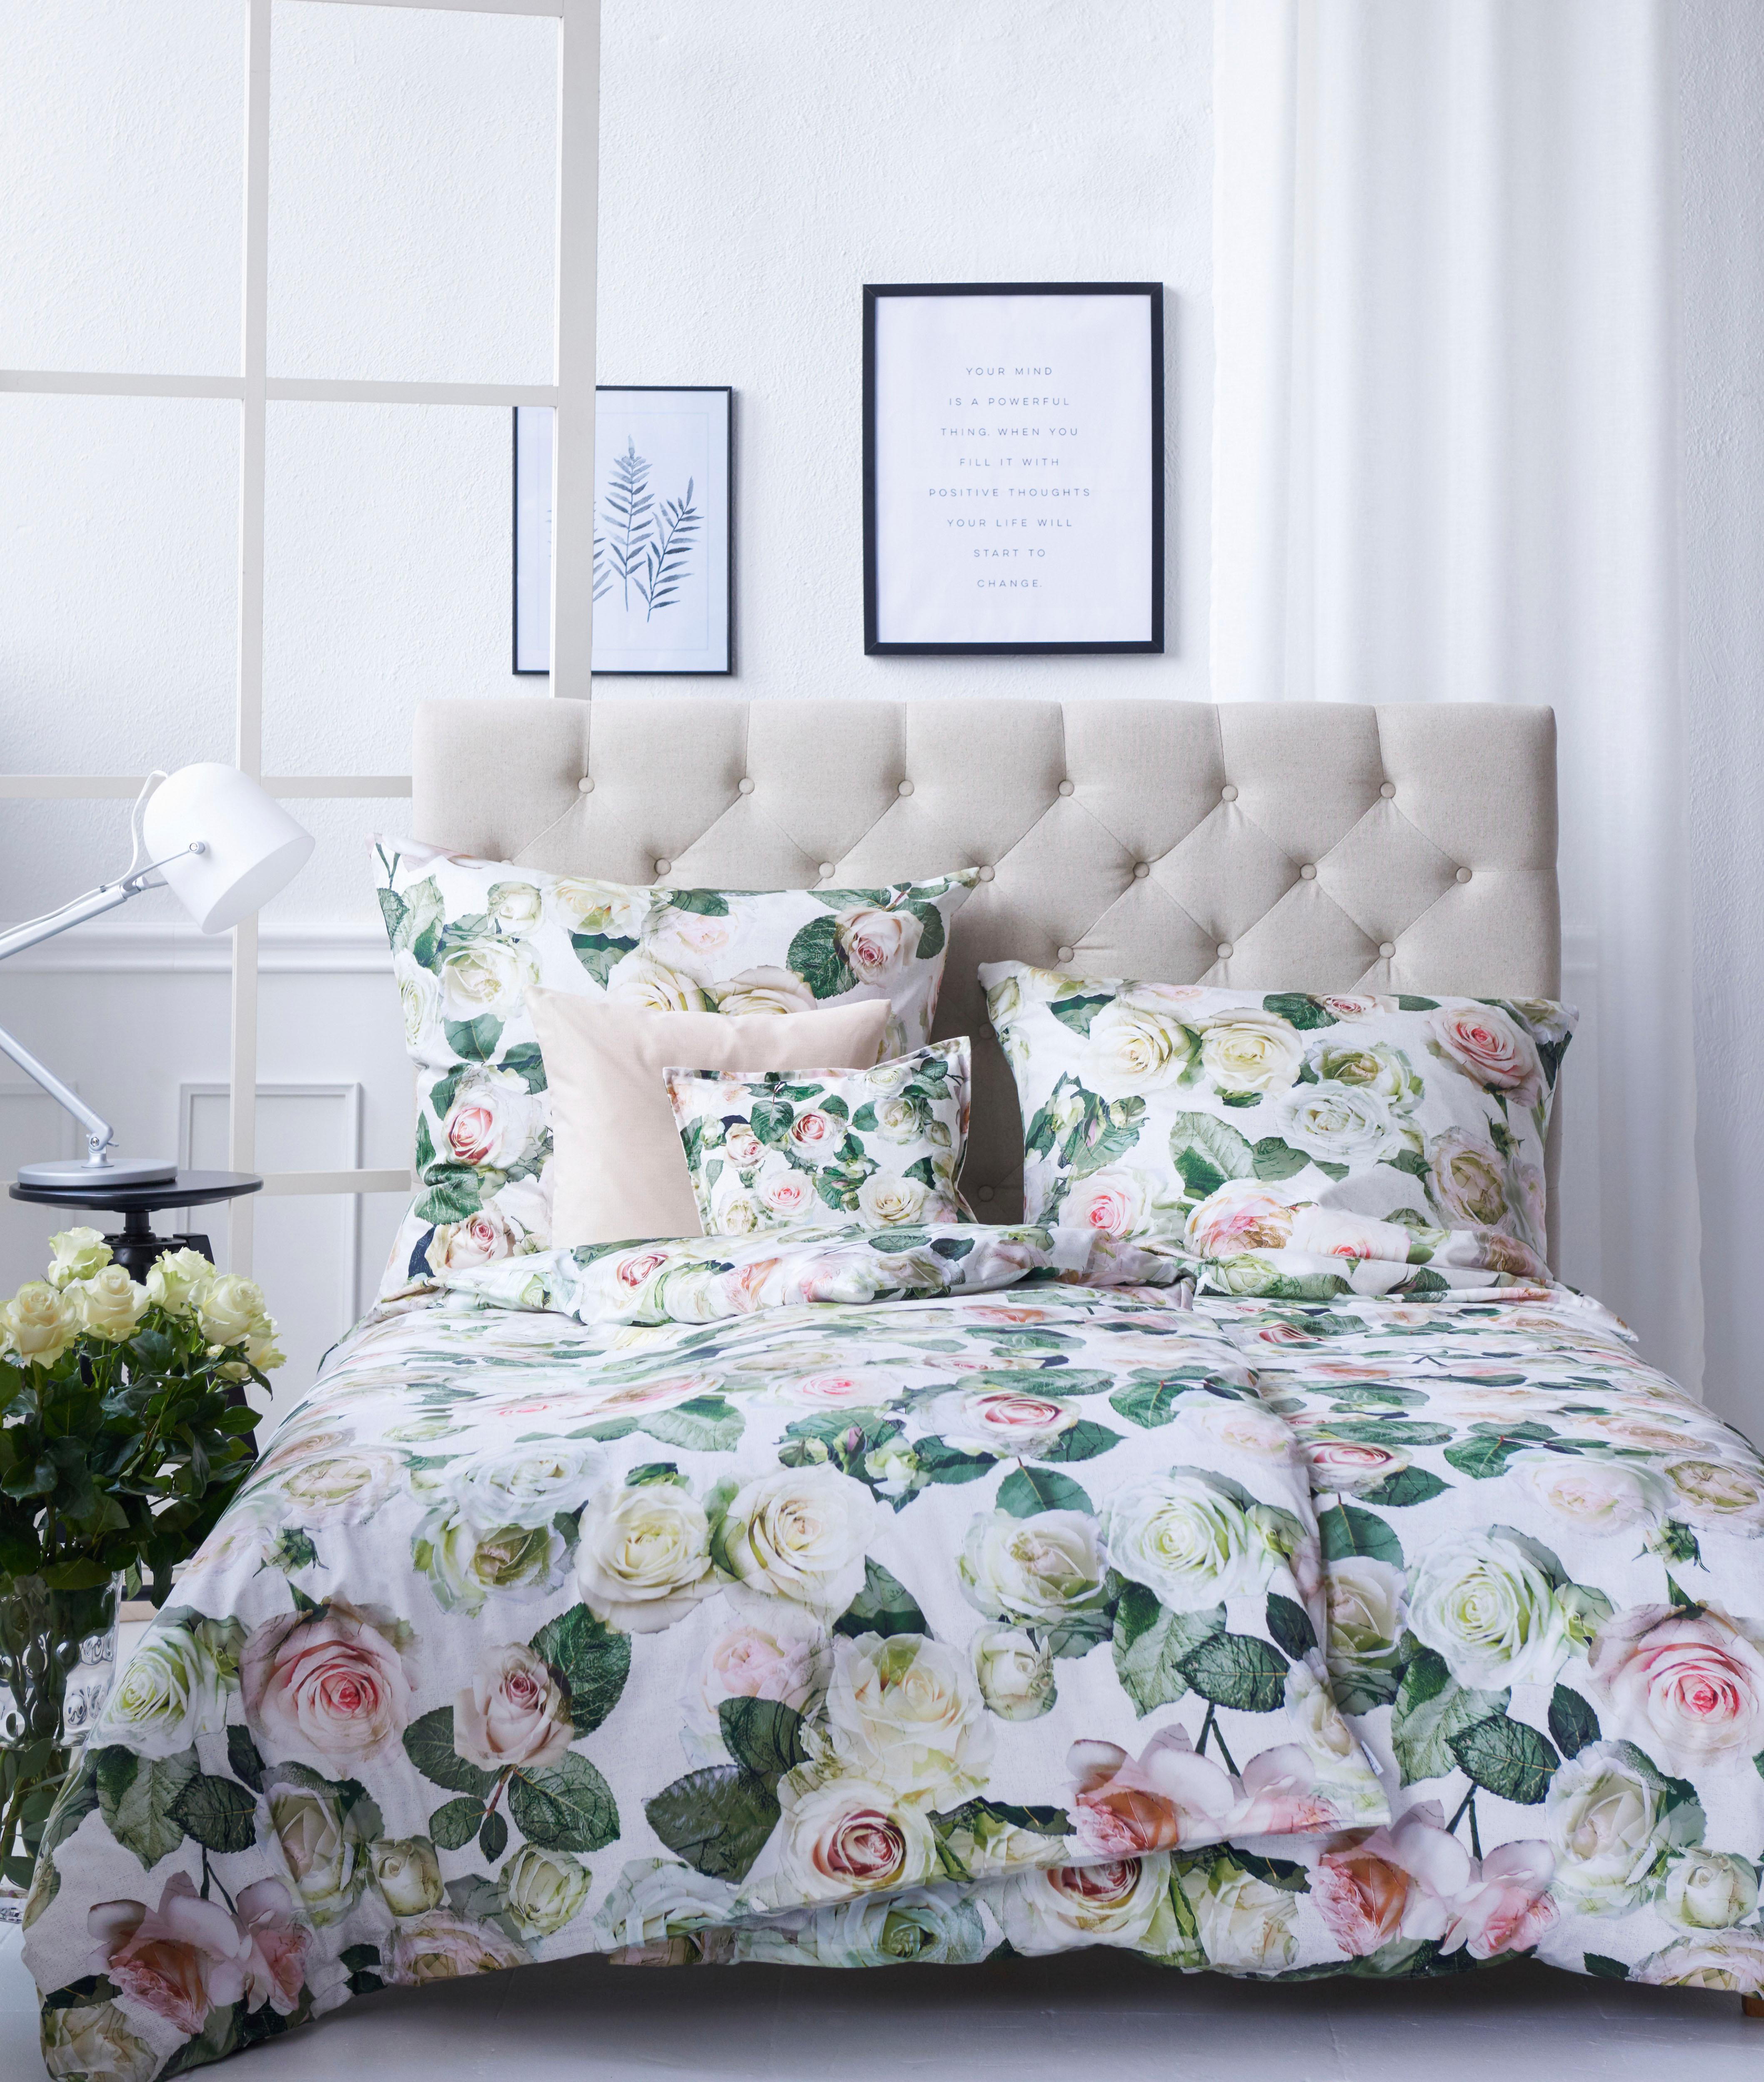 Elfenbein Weiss Baumwolle Bettwäsche Garnituren Online Kaufen